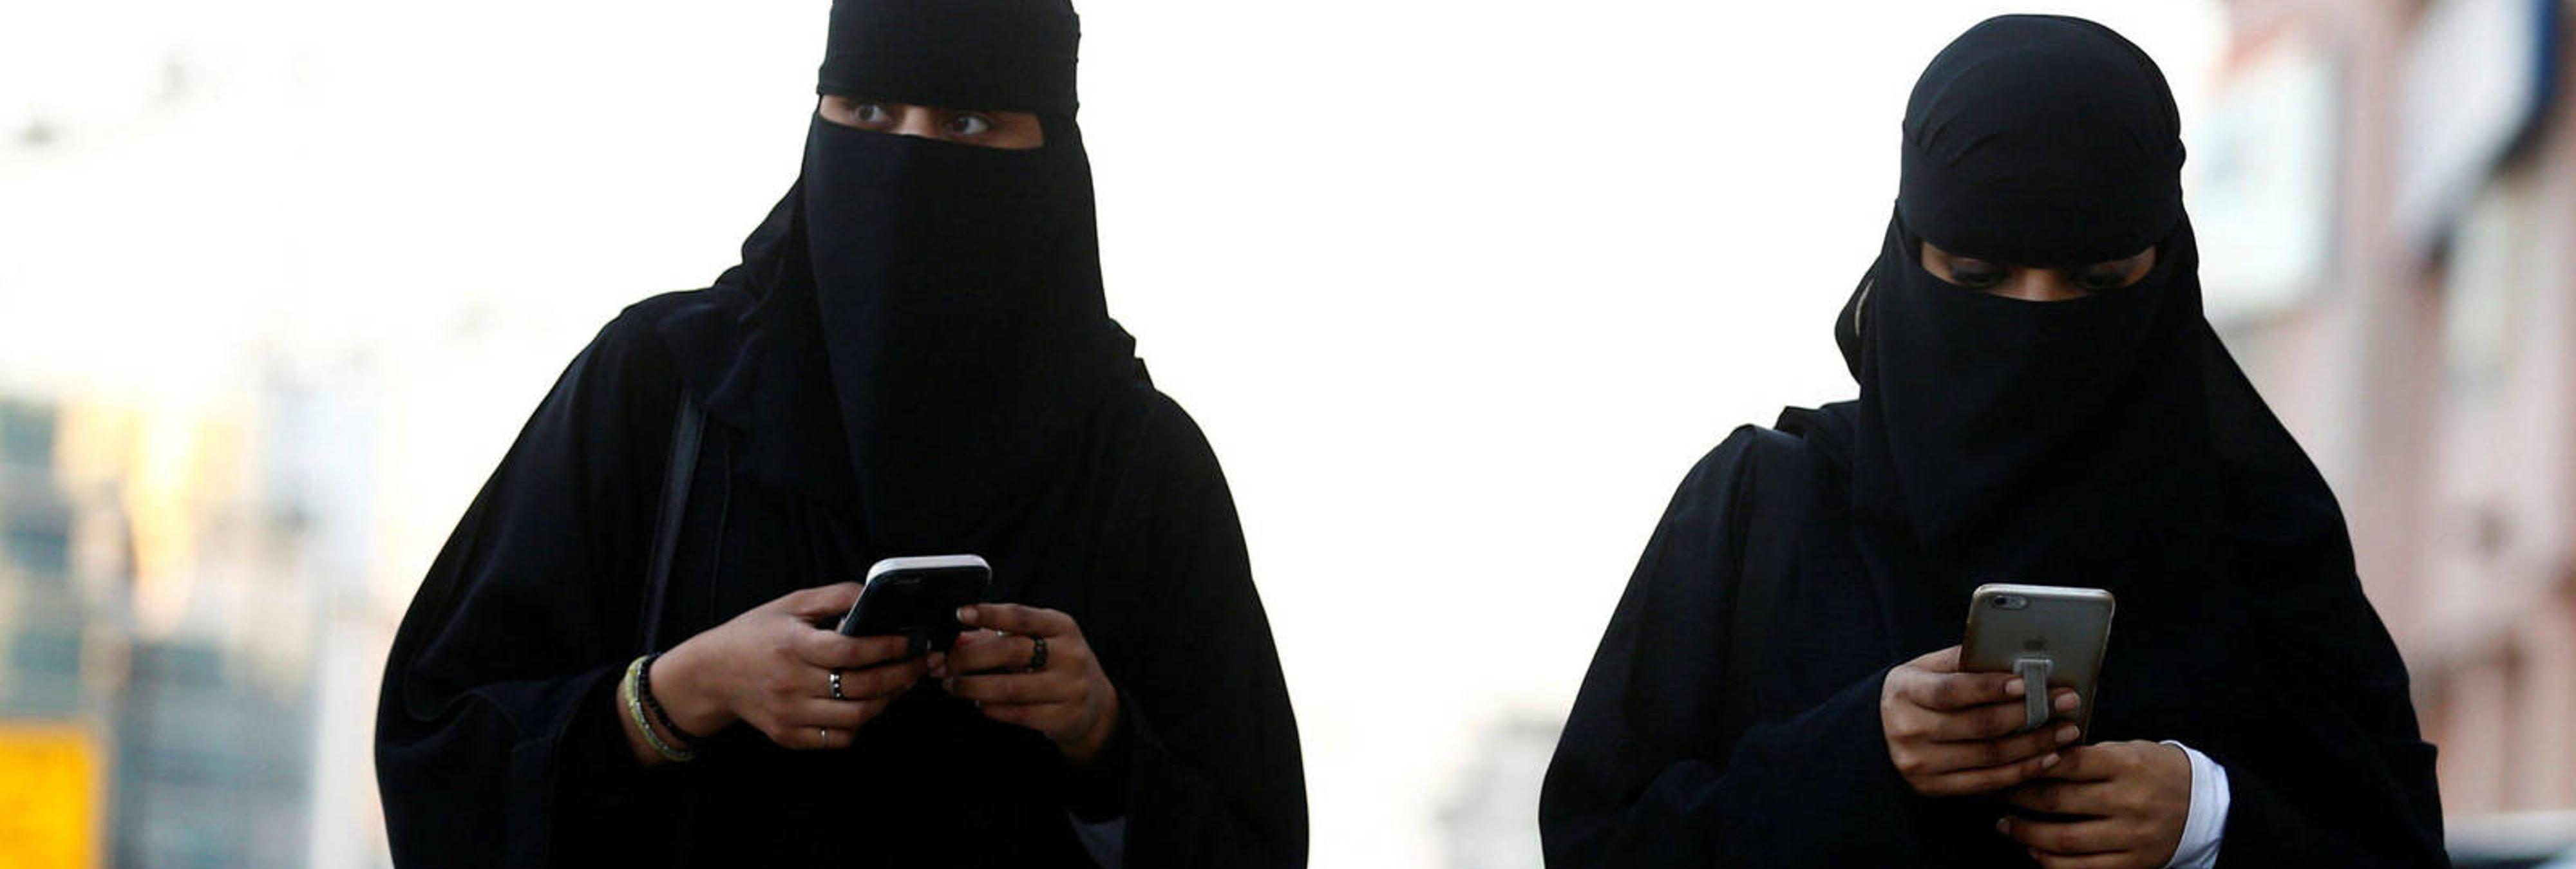 Conocer gente de arabia saudita menina anal Torres-48231